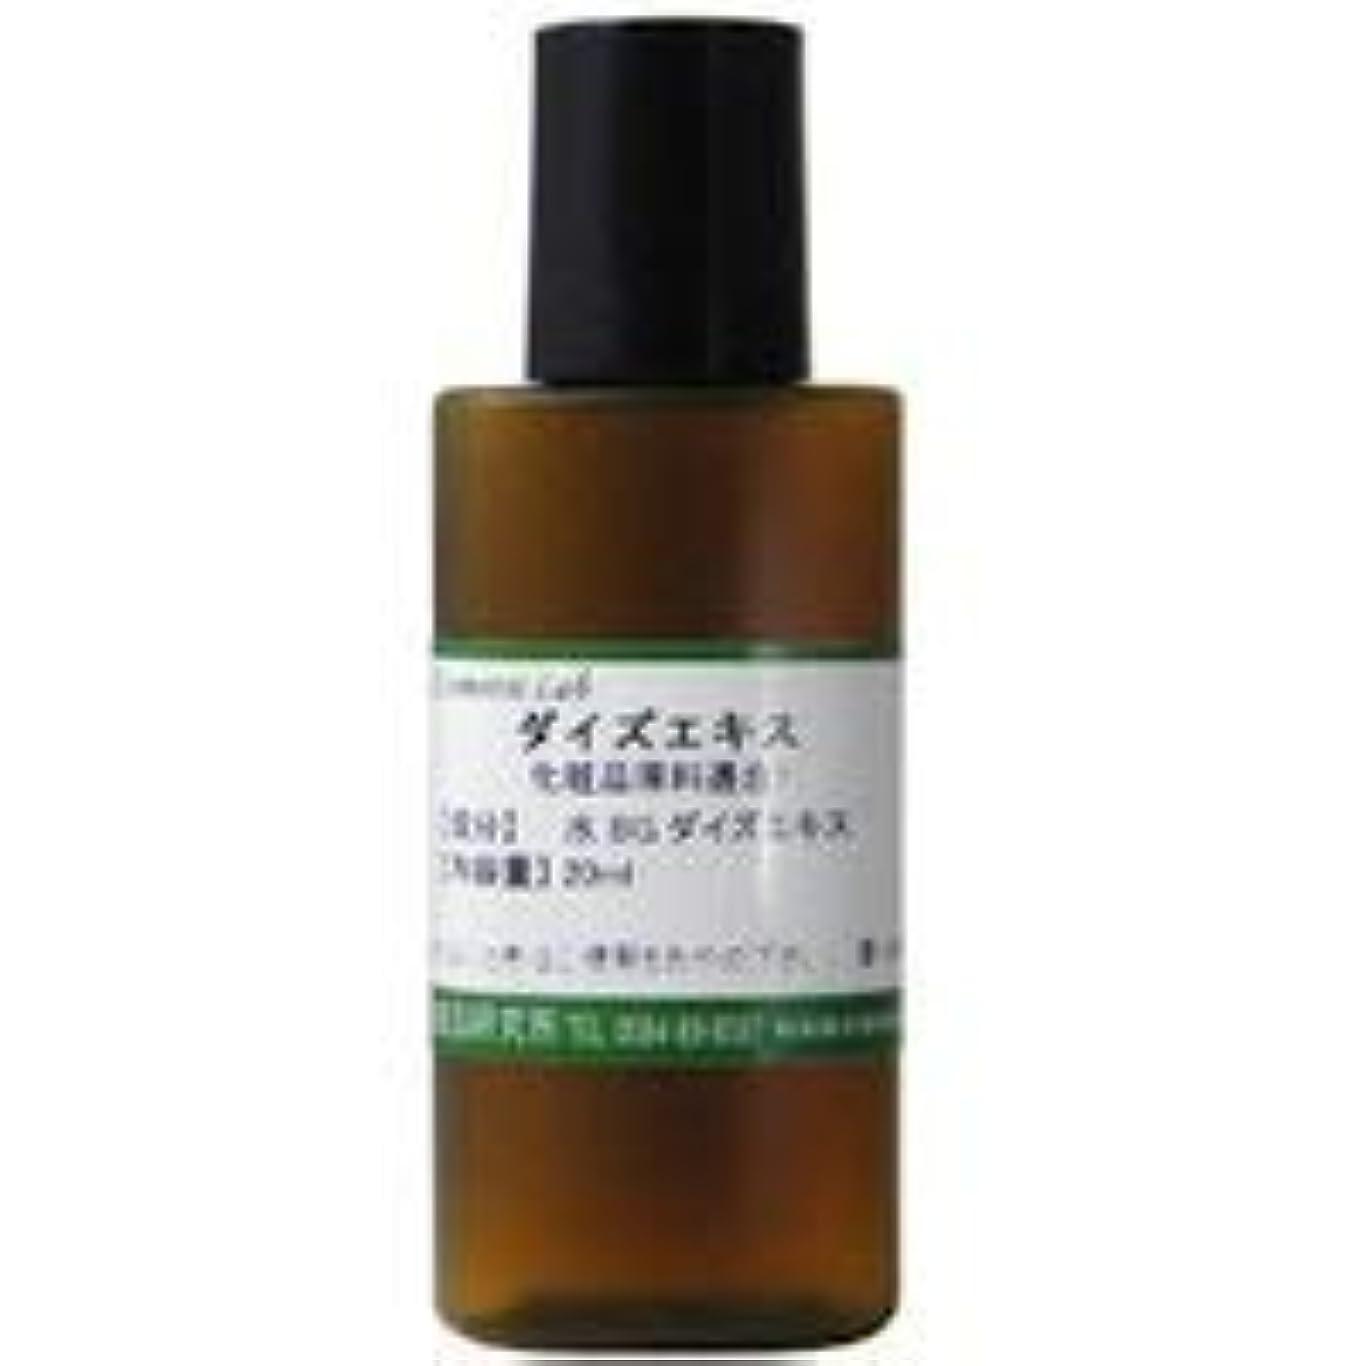 呼吸ビタミン軽減する大豆エキス 20ml 【手作り化粧品原料】